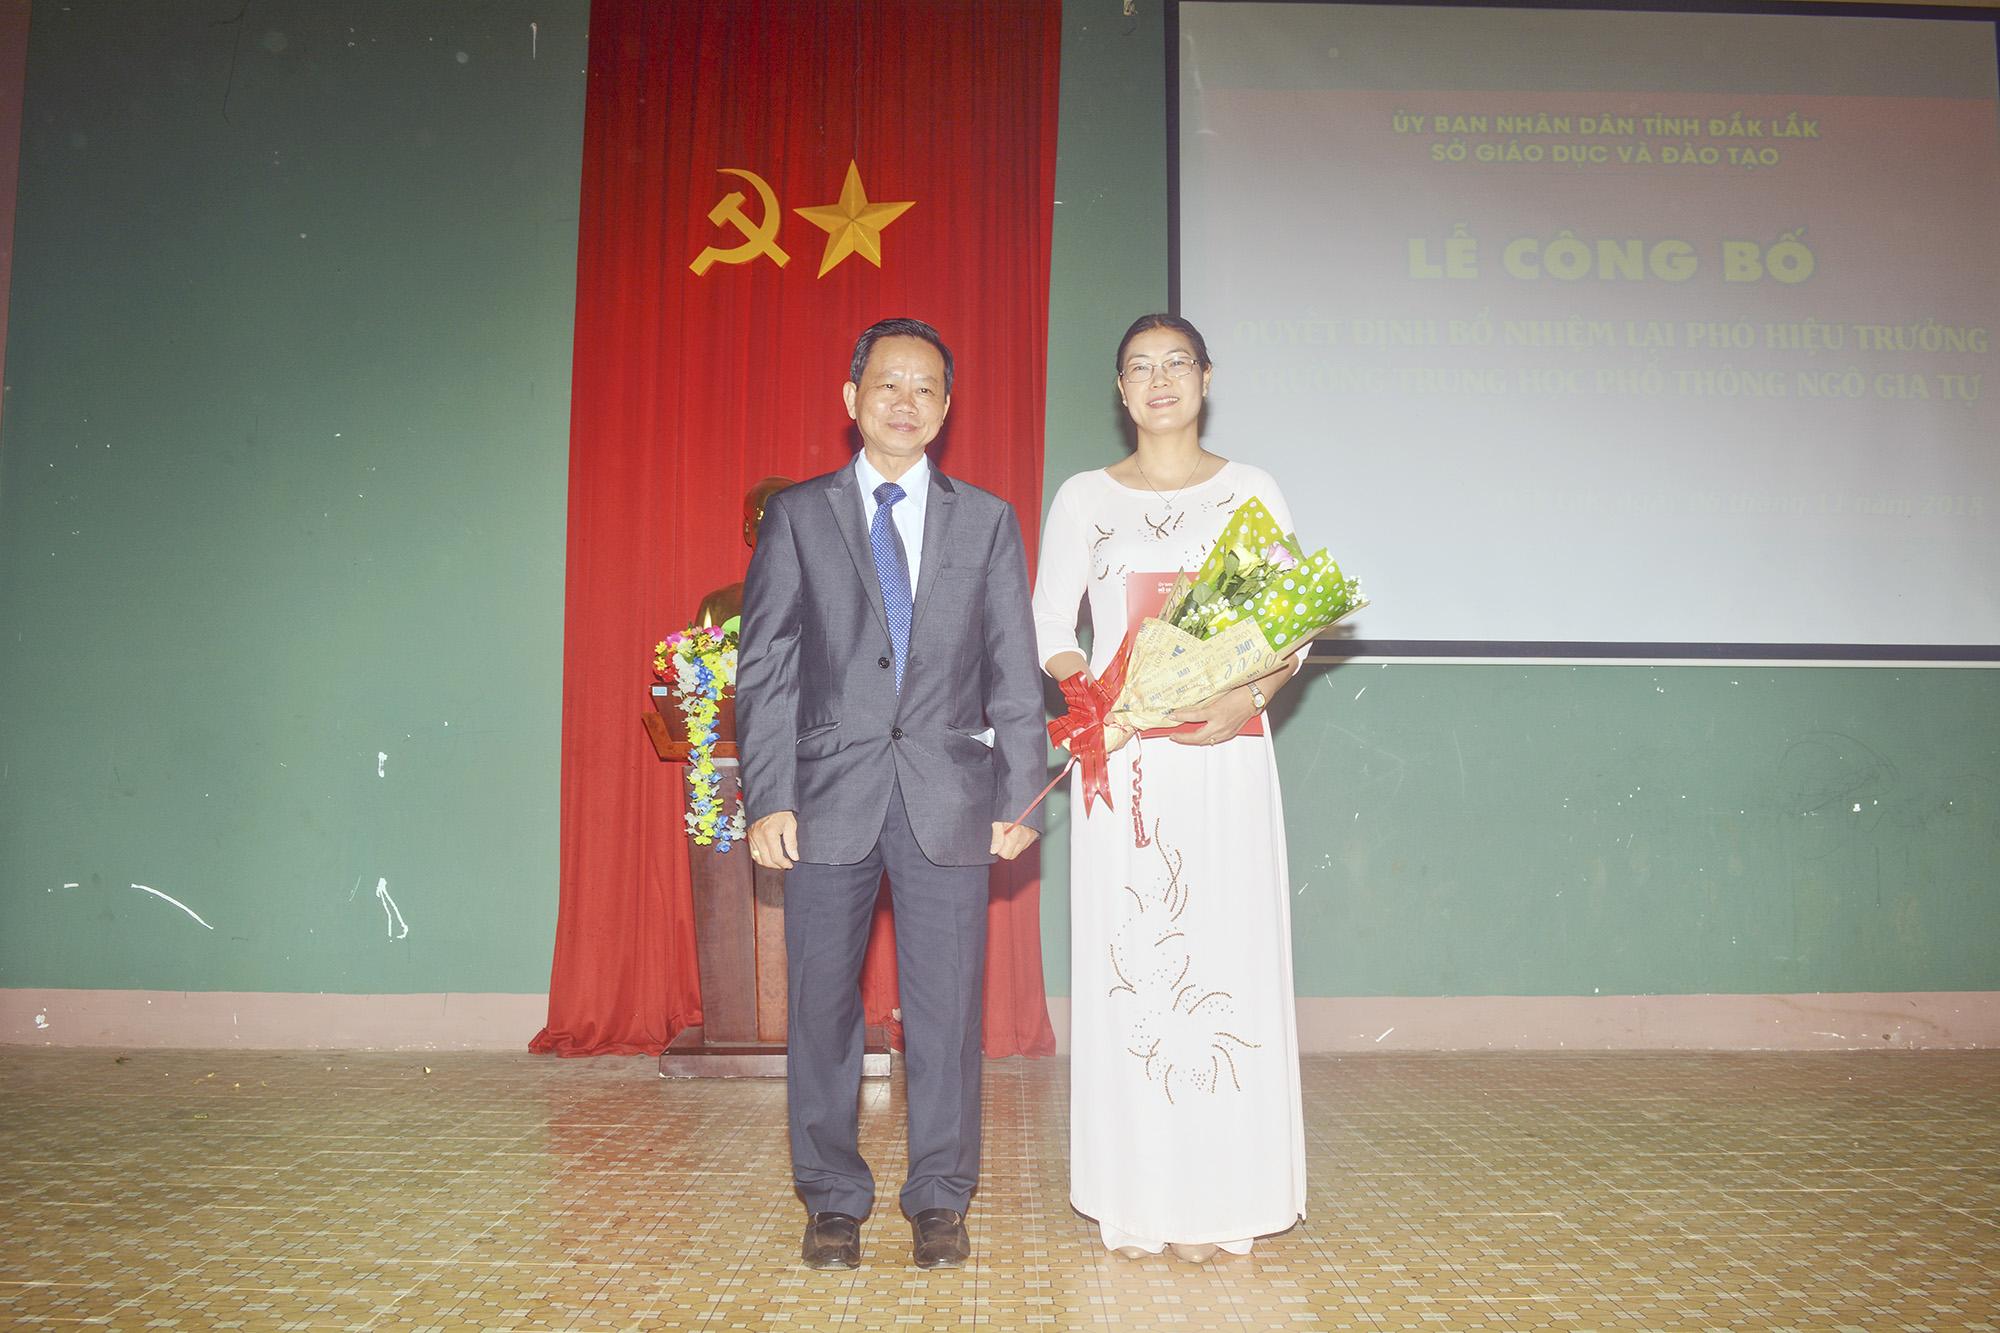 Thầy Bùi Hữu Thành Cát trao hoa chúc mừng